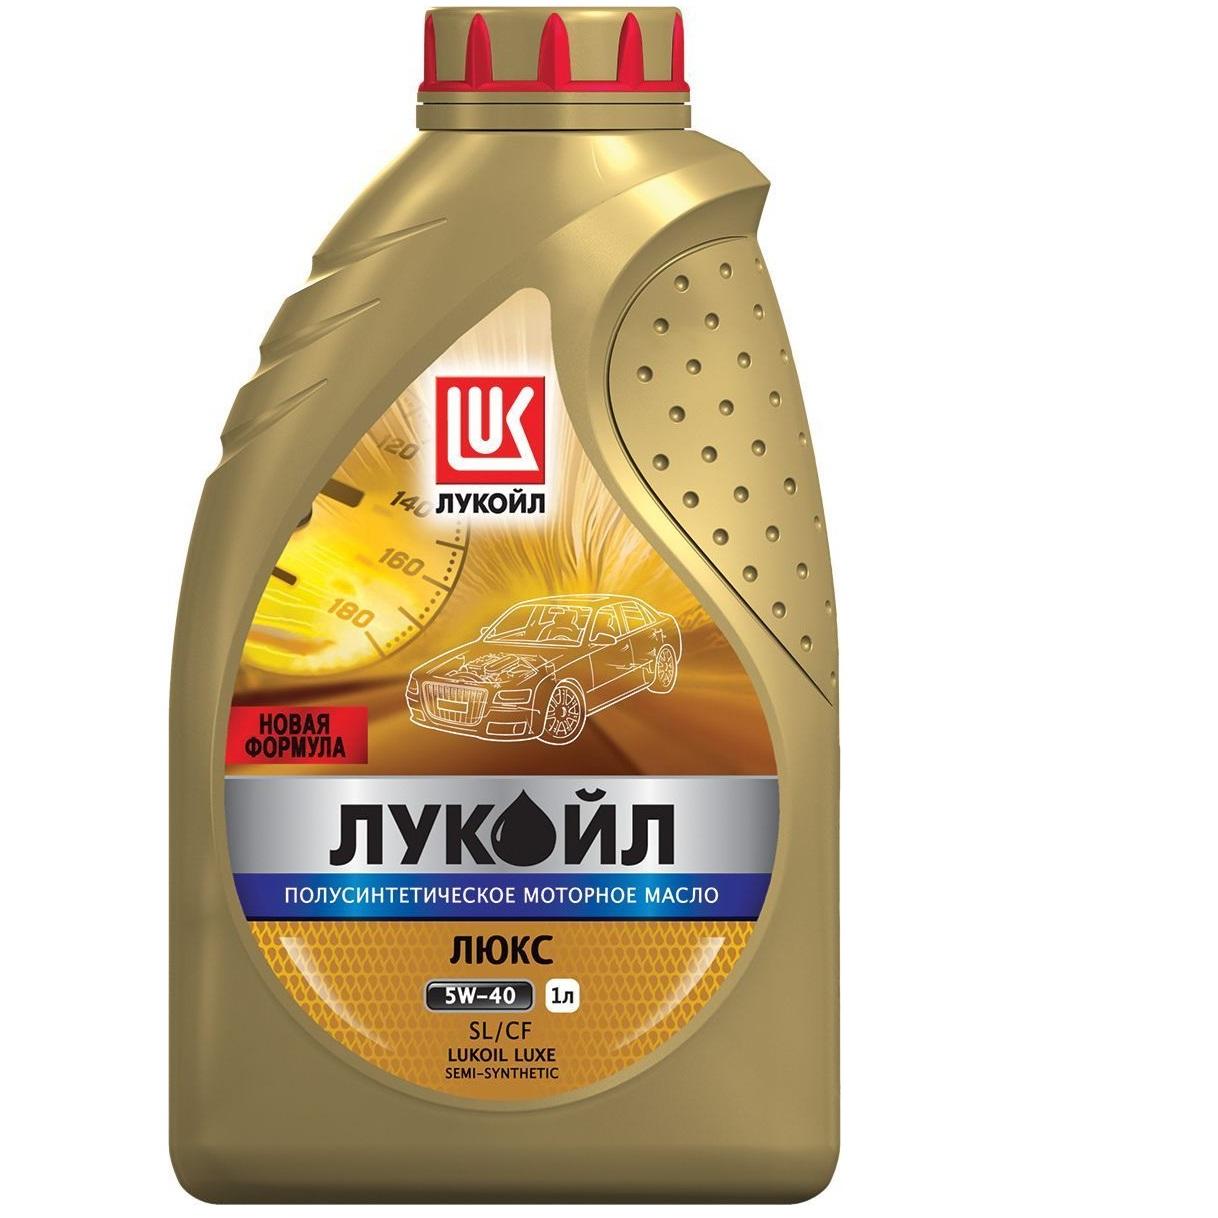 Масло полусинтетическое Лукойл ЛЮКС. 5W40. SL/CF: нк.1л